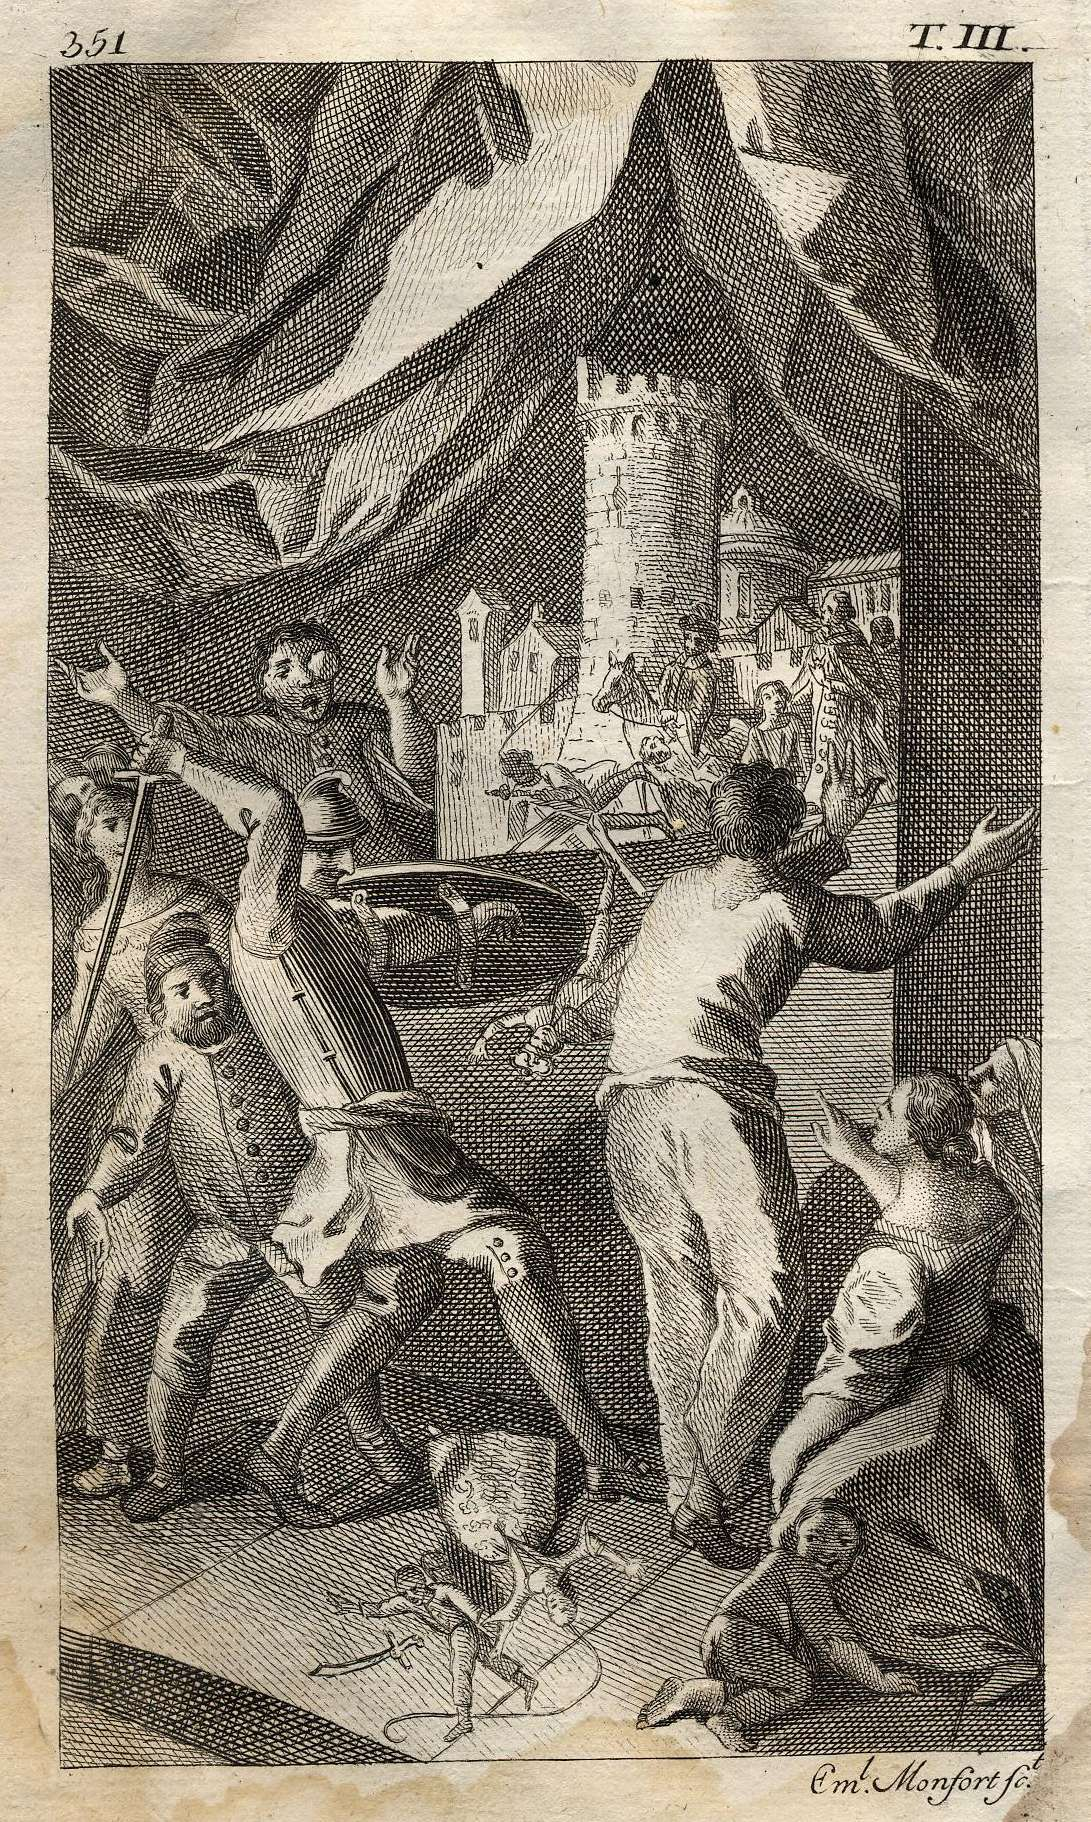 MONFORT - Don Quijote, La batalla con los títeres de Maese Pedro, 1771